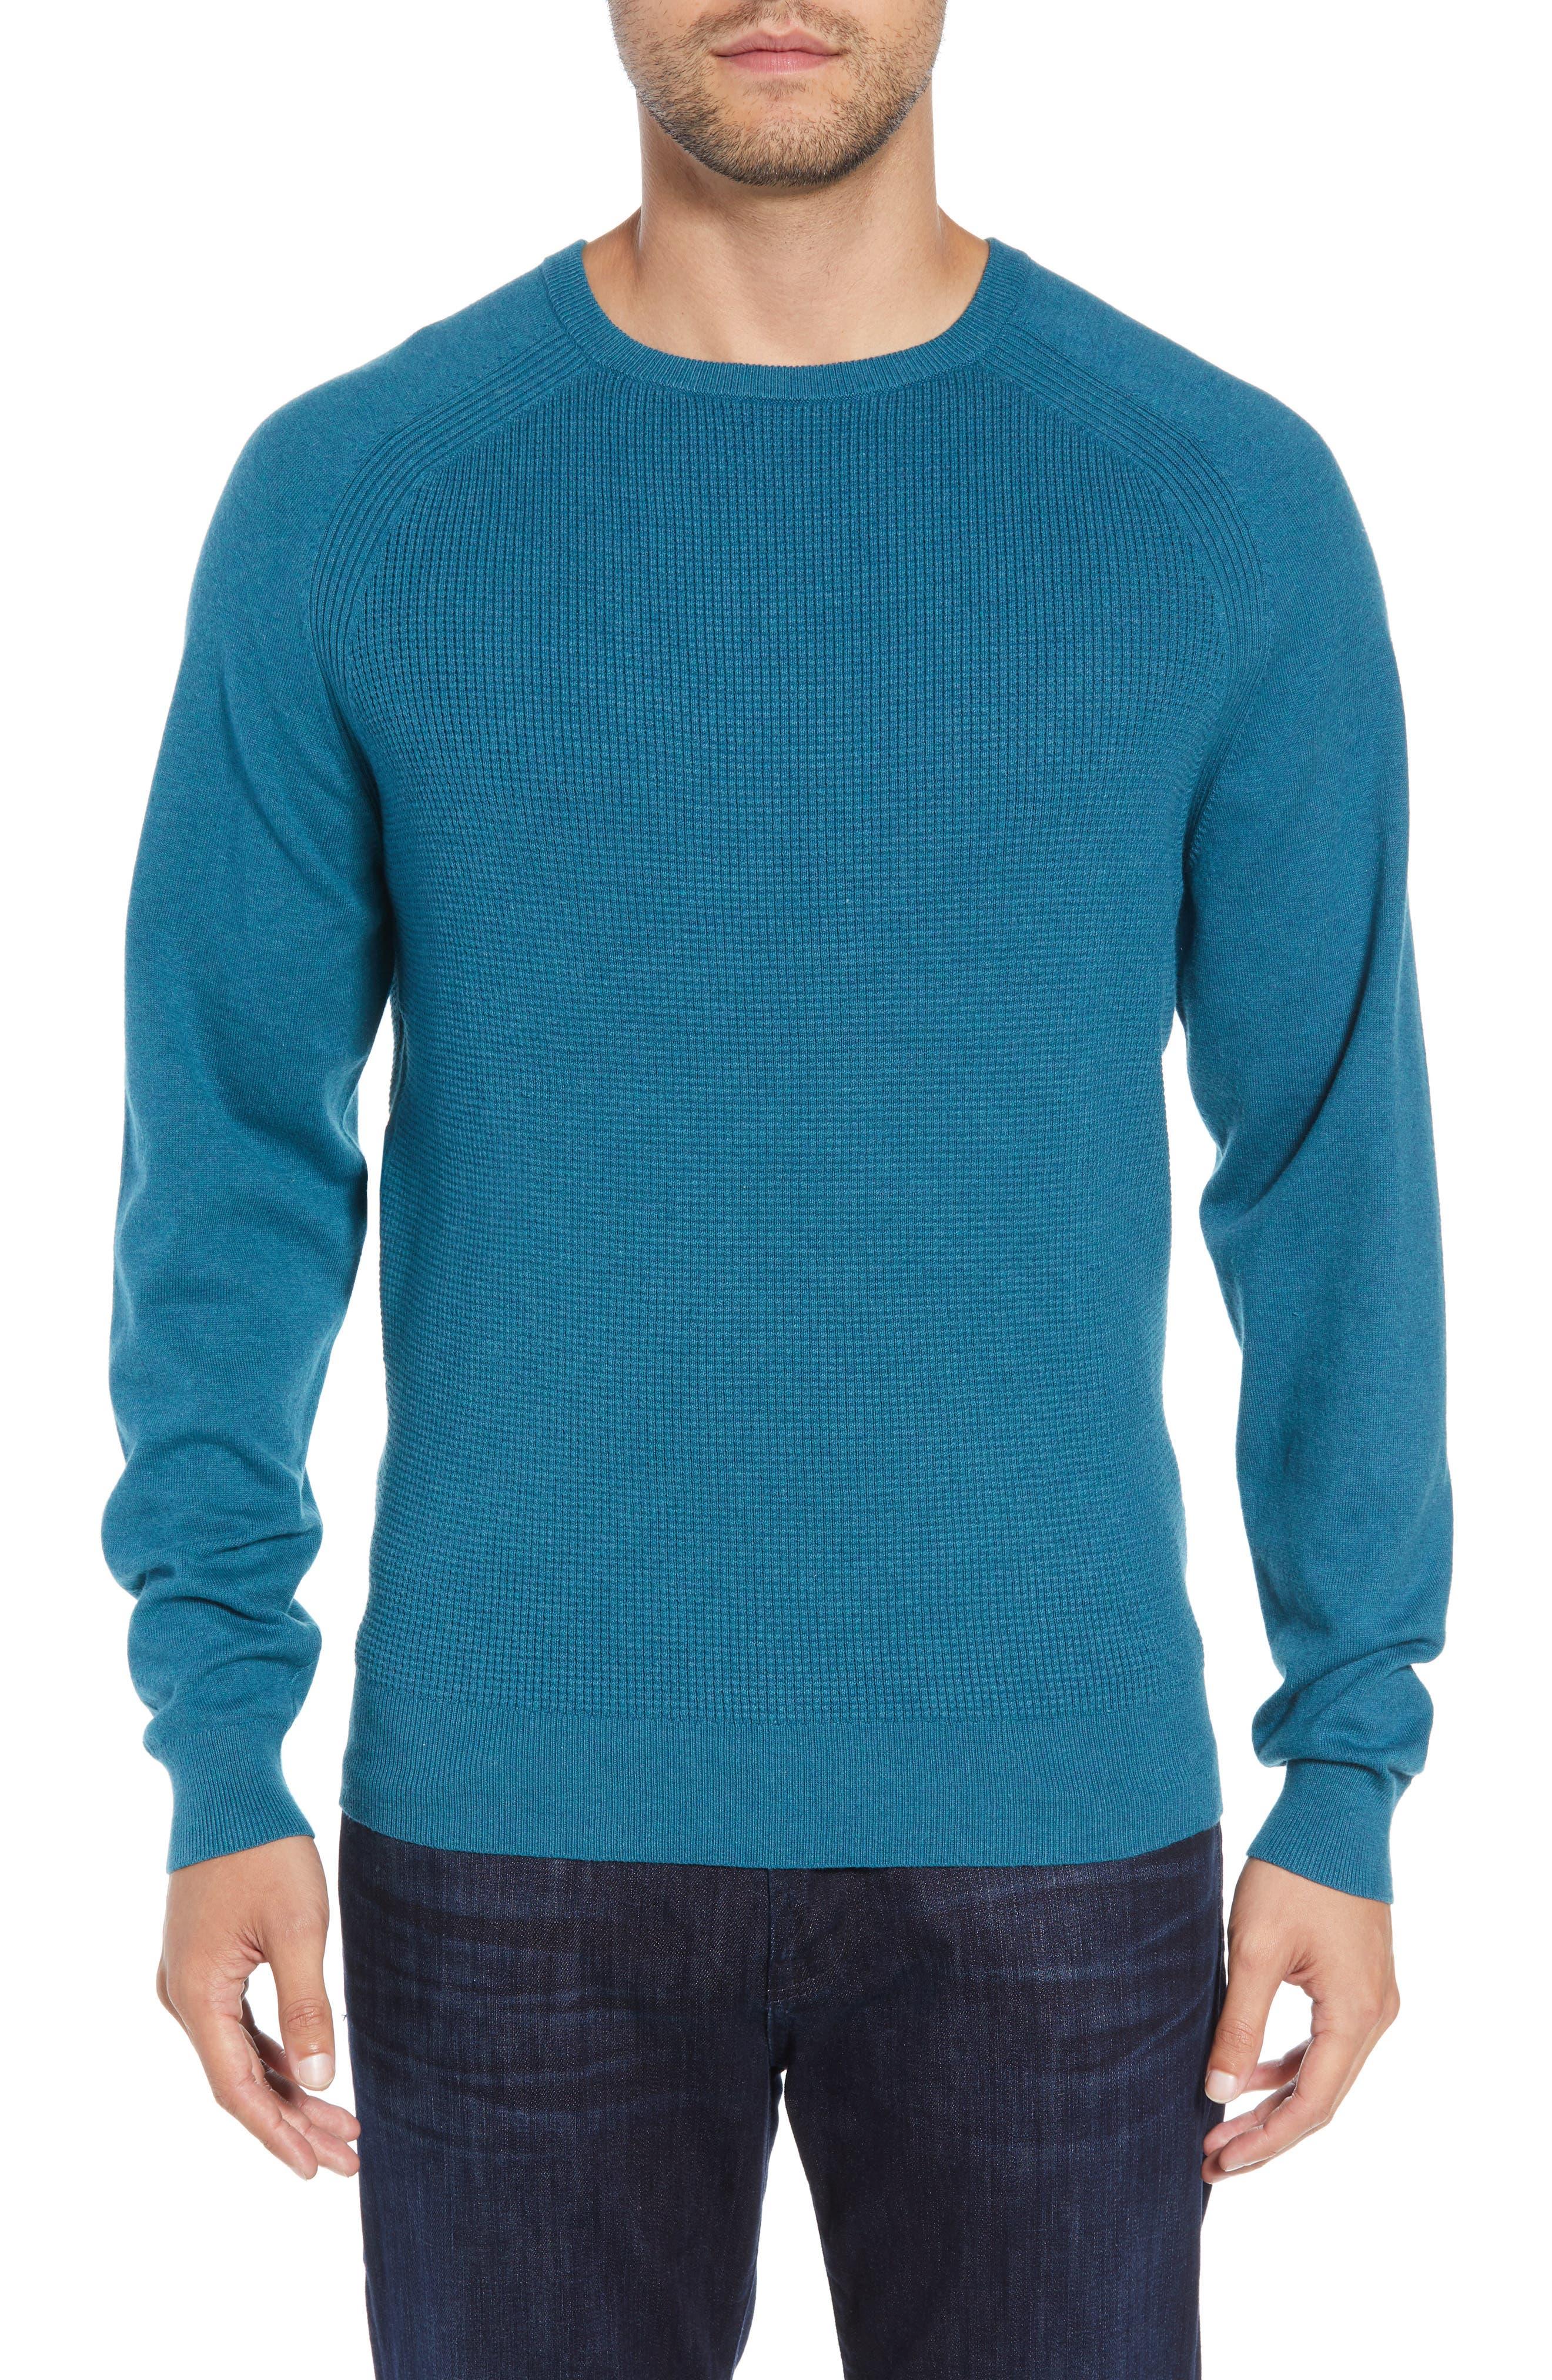 Image of Cutter & Buck Lakemon Mixed Stitch Crewneck Sweater